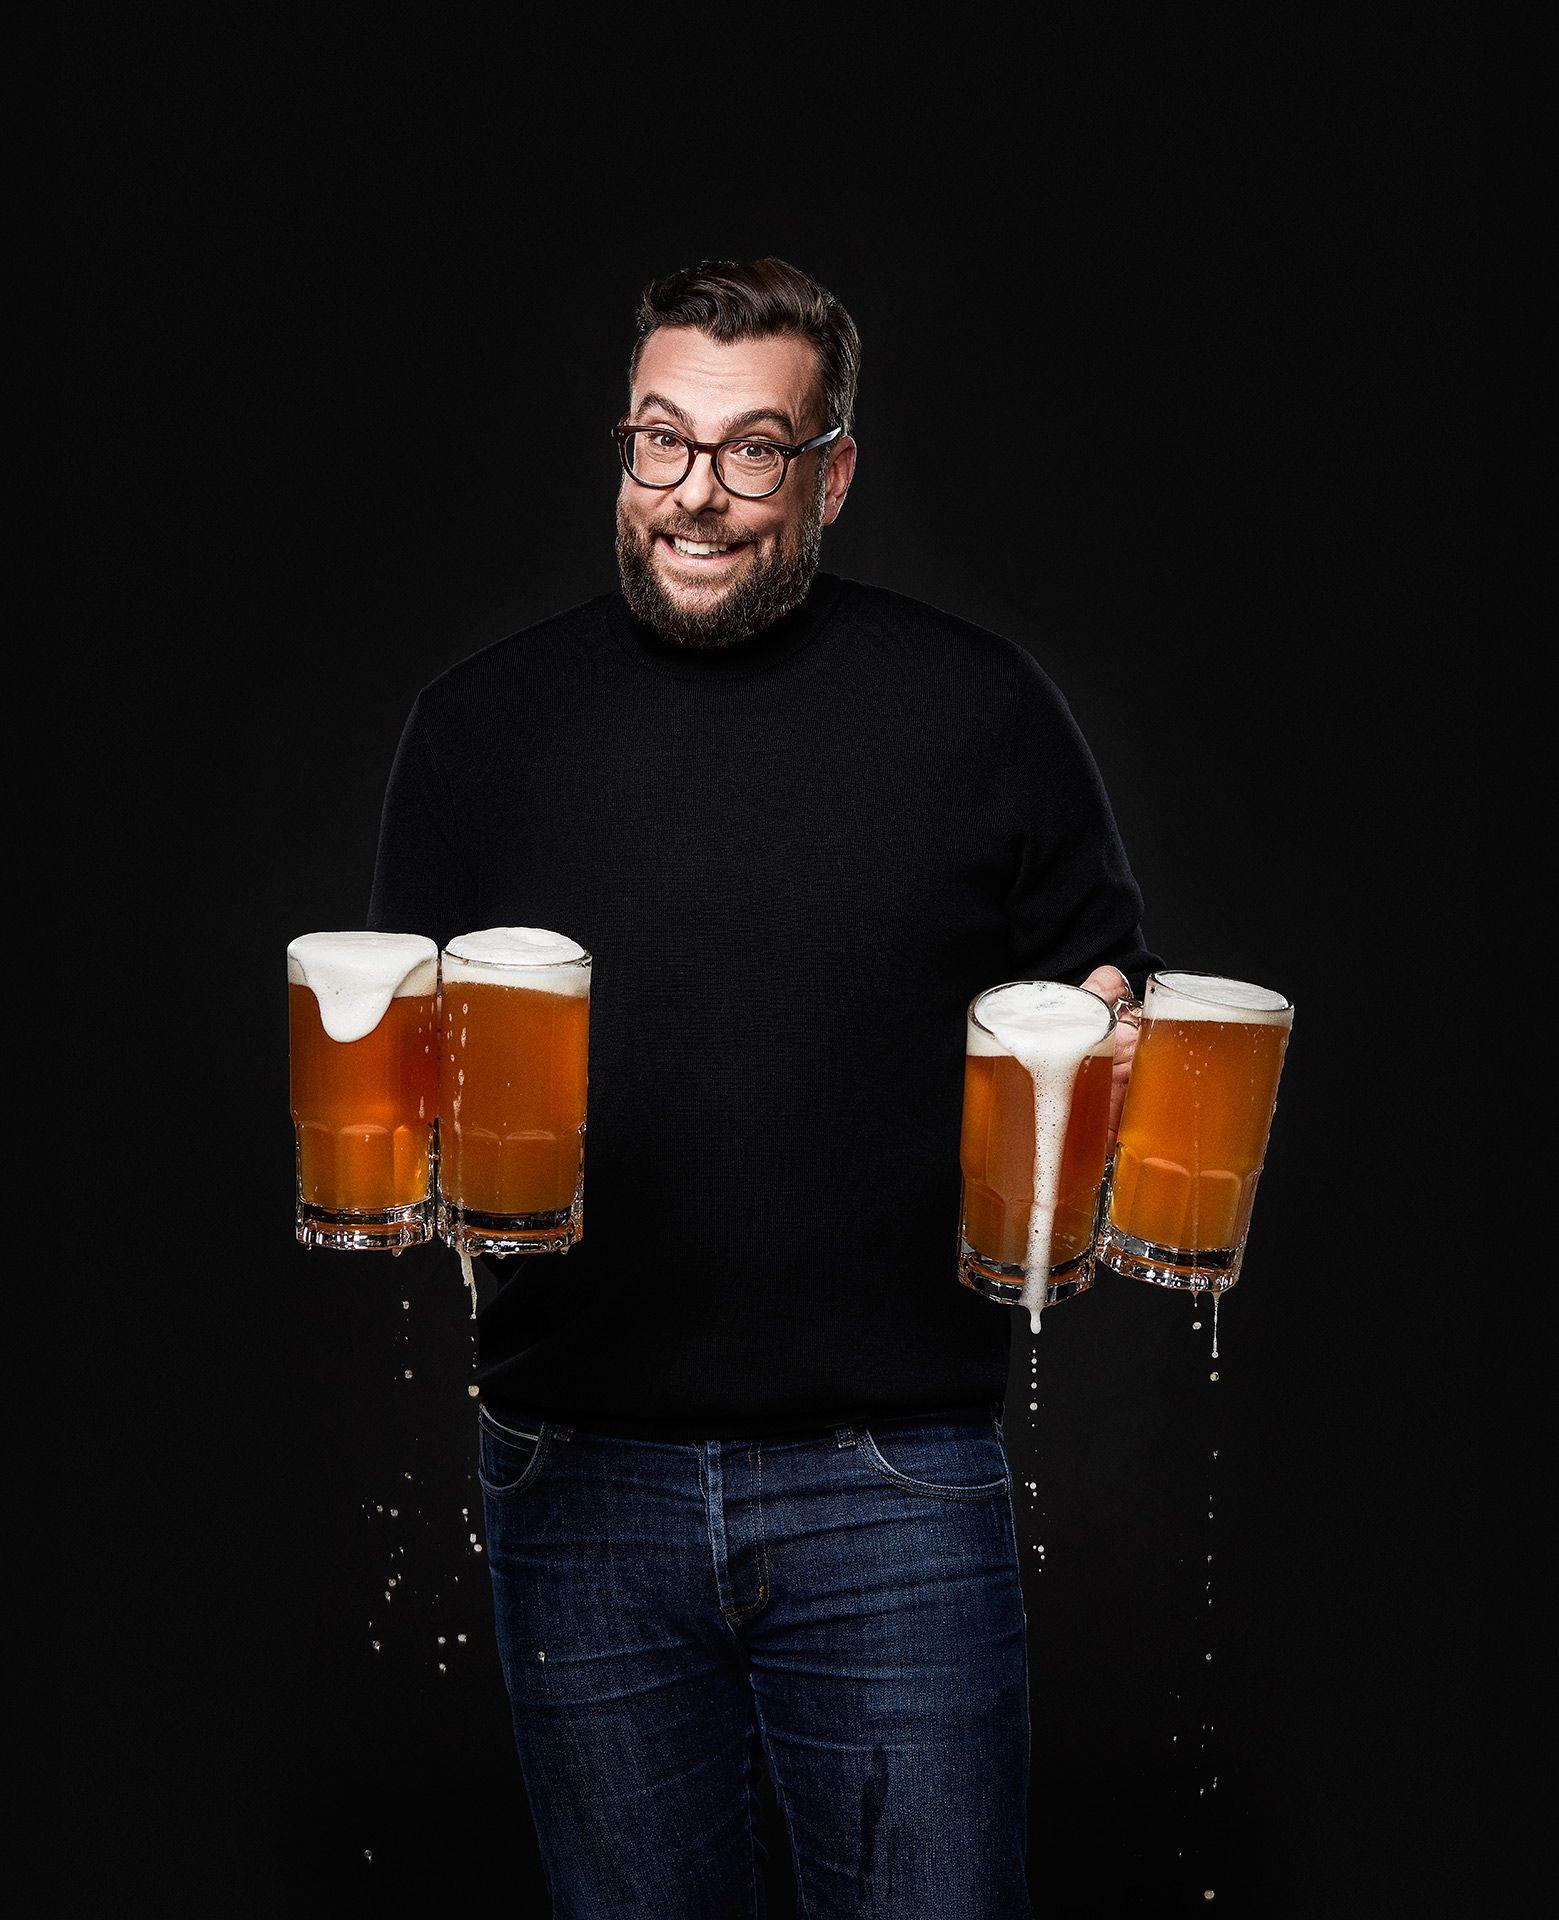 portrait du mixologue Stephane Pilon tenant quatre chope débordante de bière, posant de manière désolé par Jocelyn Michel pour le Cathcart